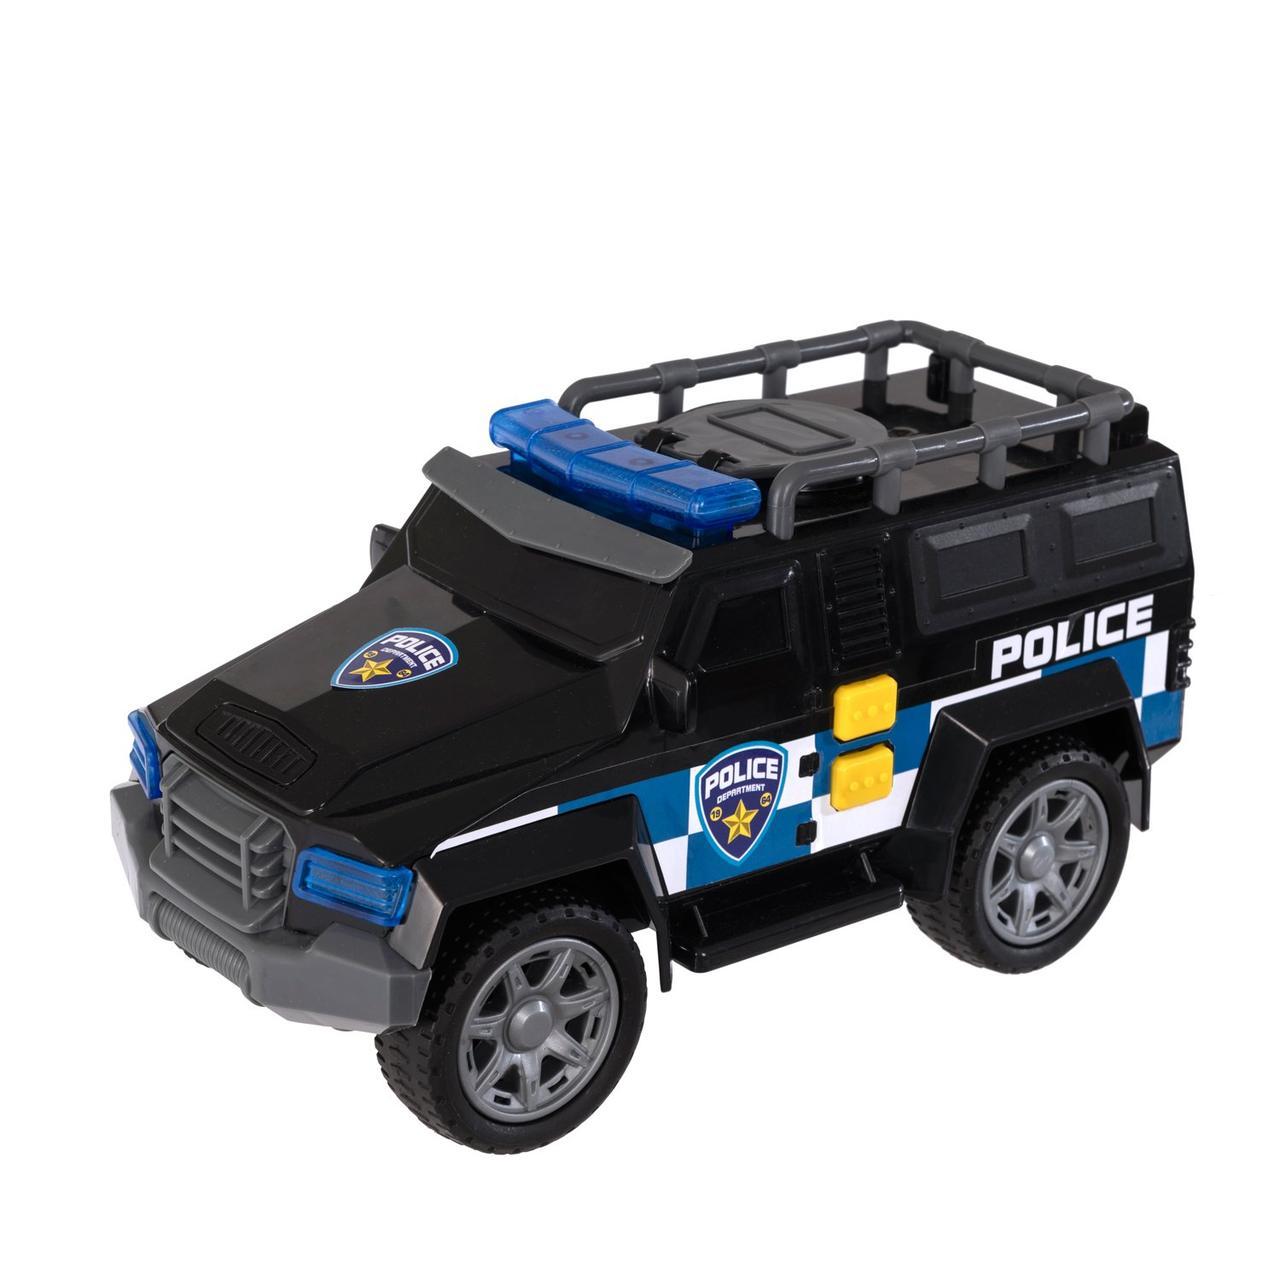 Teamsterz Игрушечная машинка Mighty Moverz Внедорожник спецслужб 25 см (свет, звук)